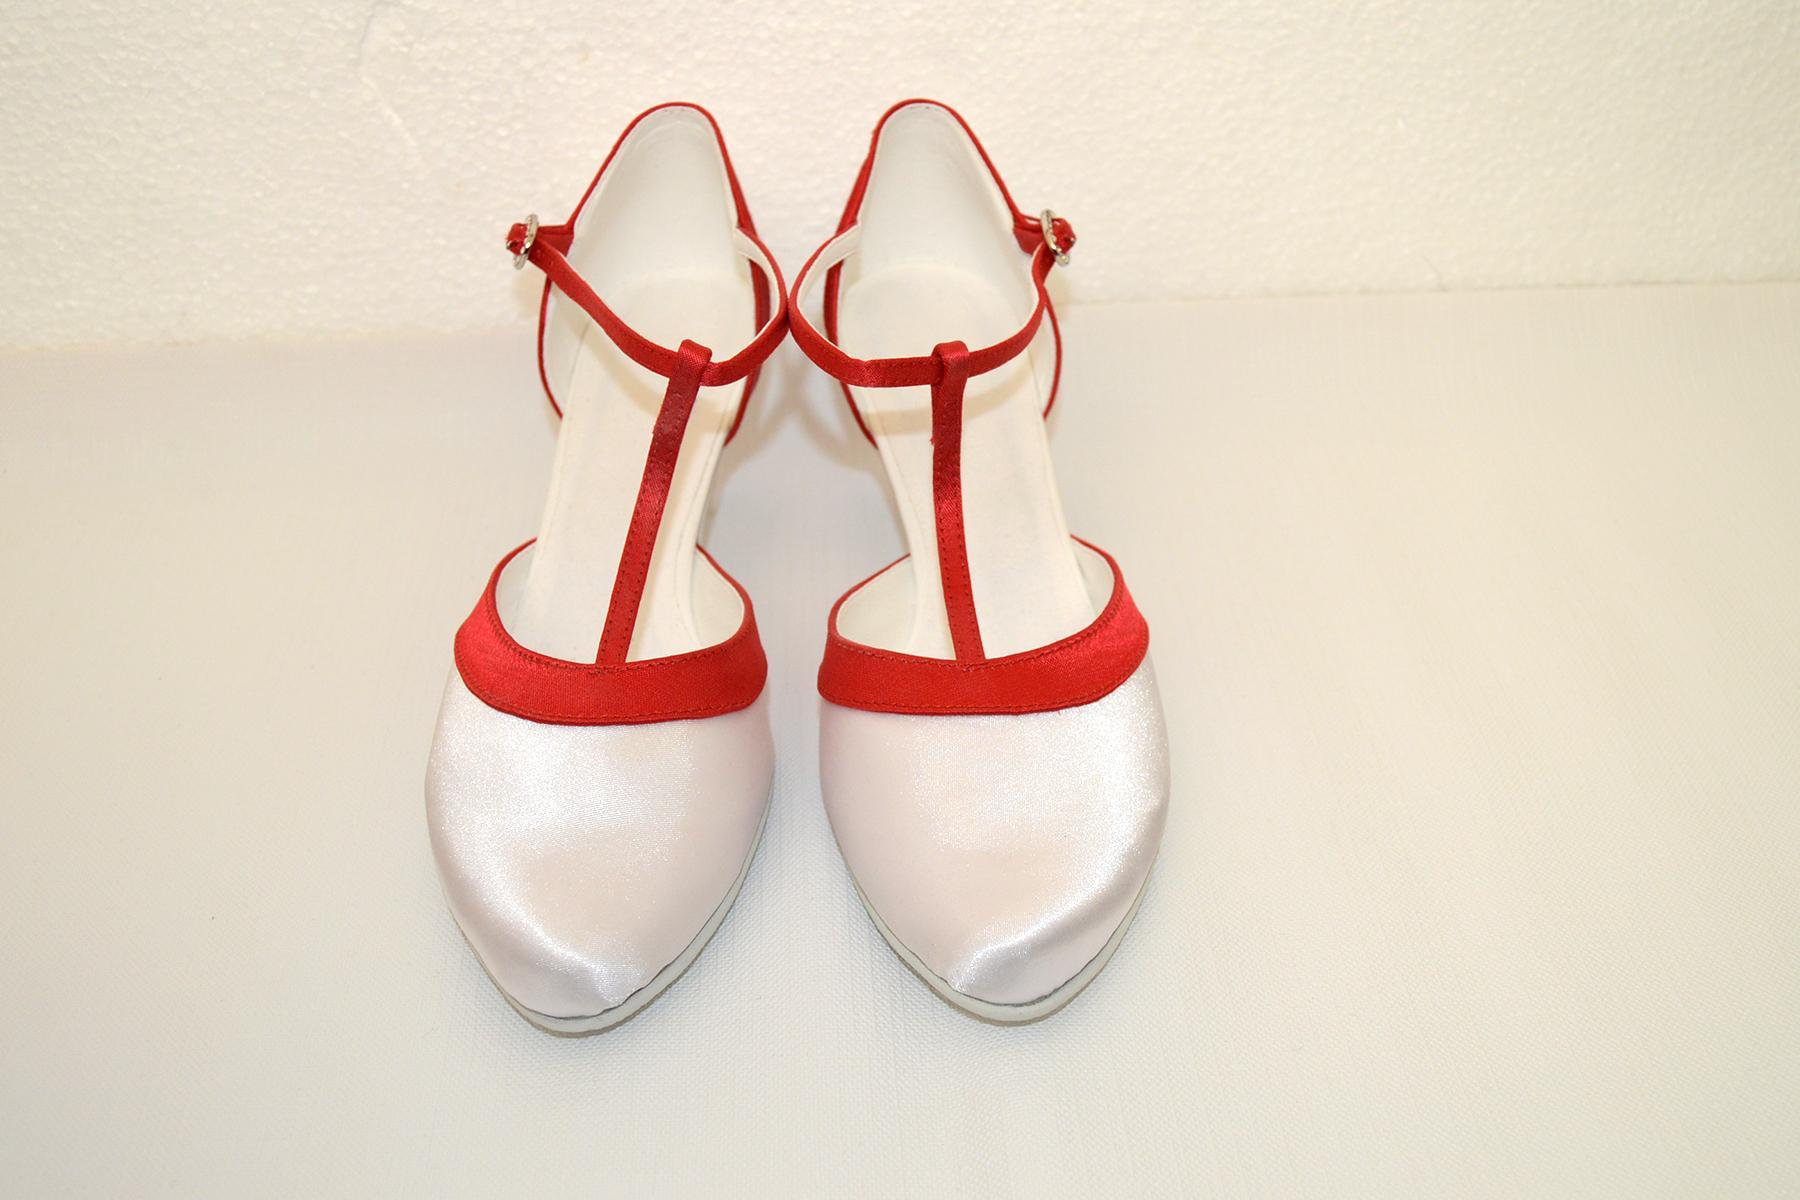 Svadobné topánky navrhni a uprav si ich podľa seba - inšpirácie červená - Svadobné topánky biele na nízkom opatku v kombinácii s červenou - materiál satén. Navrhnúť a upraviť si ich môžete však podľa aj podľa seba. Model Tamara.